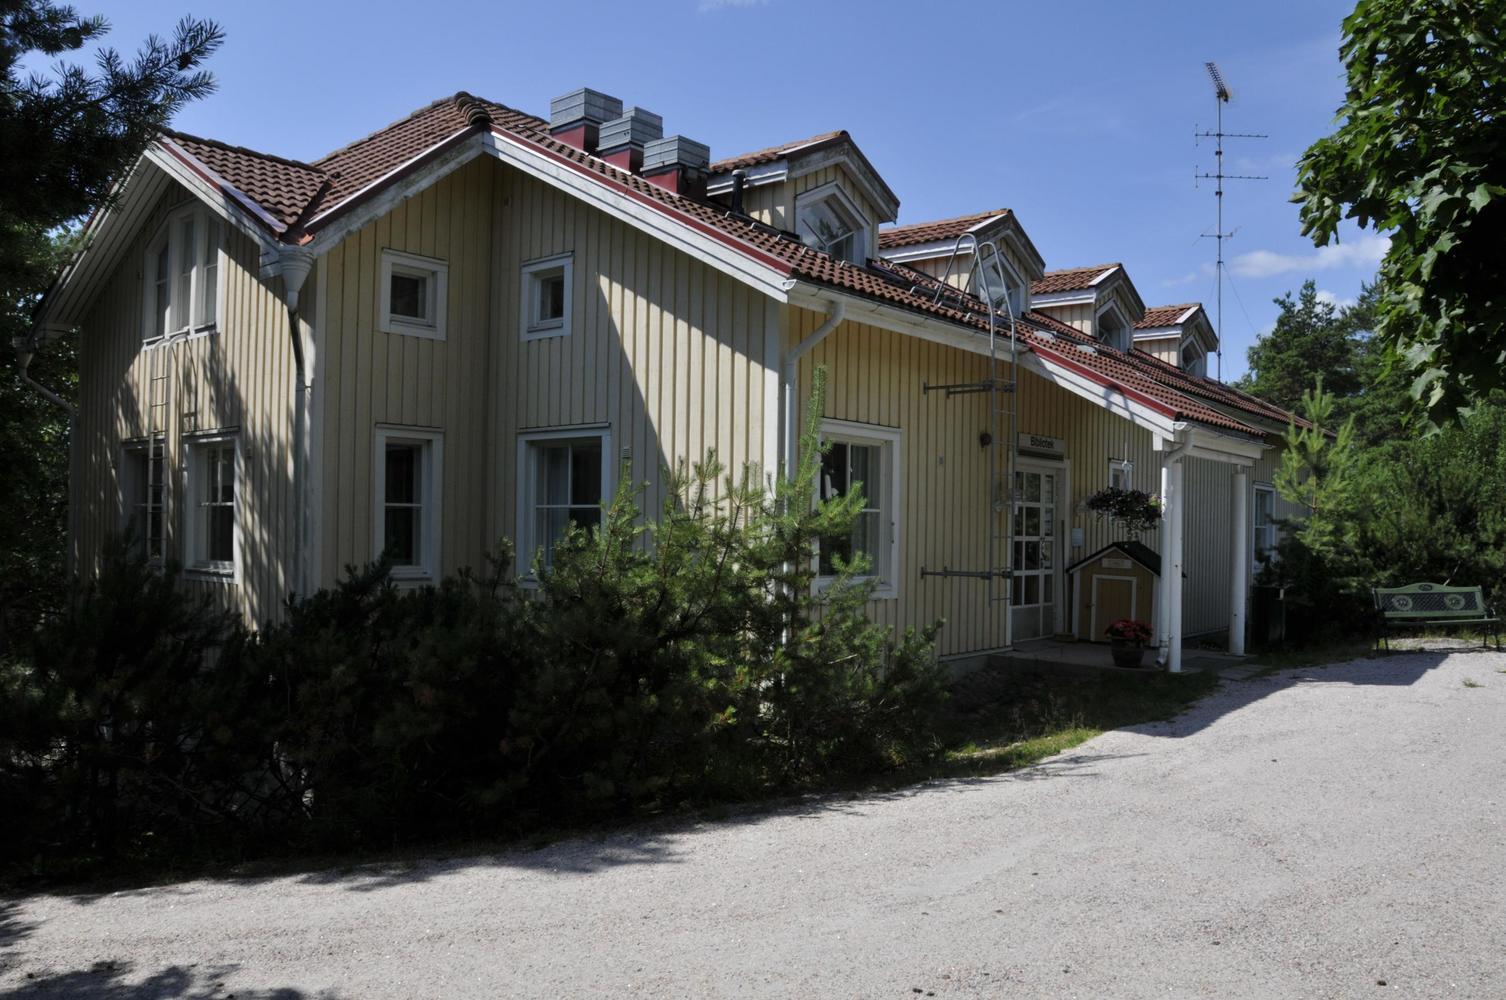 Västanfjärds bibliotek - Västanfjärdin kirjasto